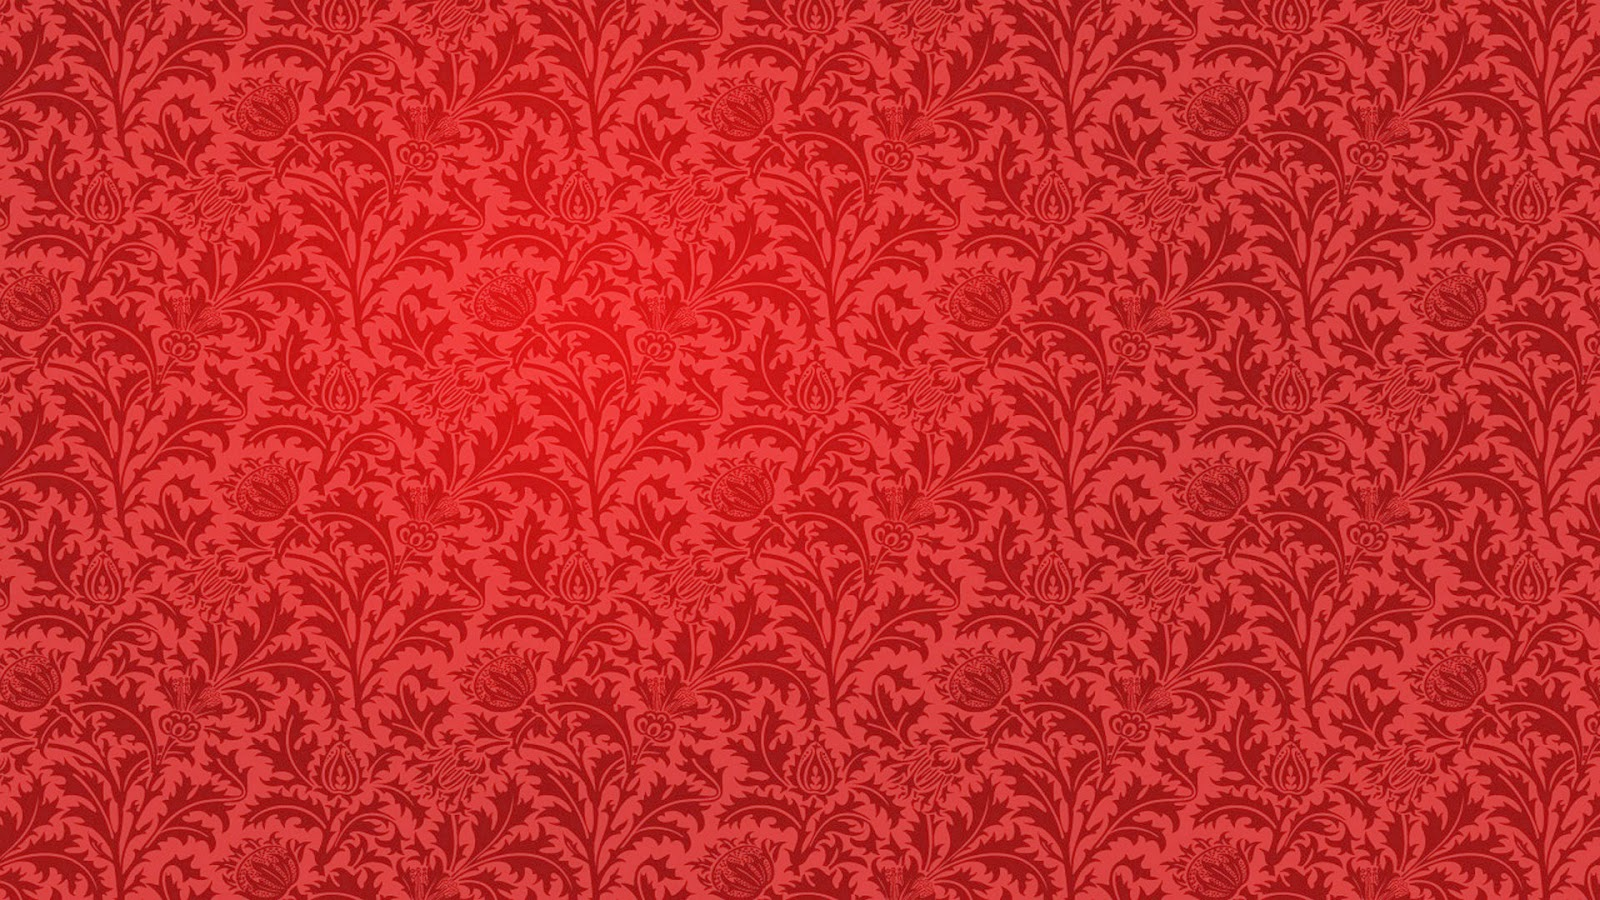 Fondo de Pantalla Abstracto Flores rojas - imagenes